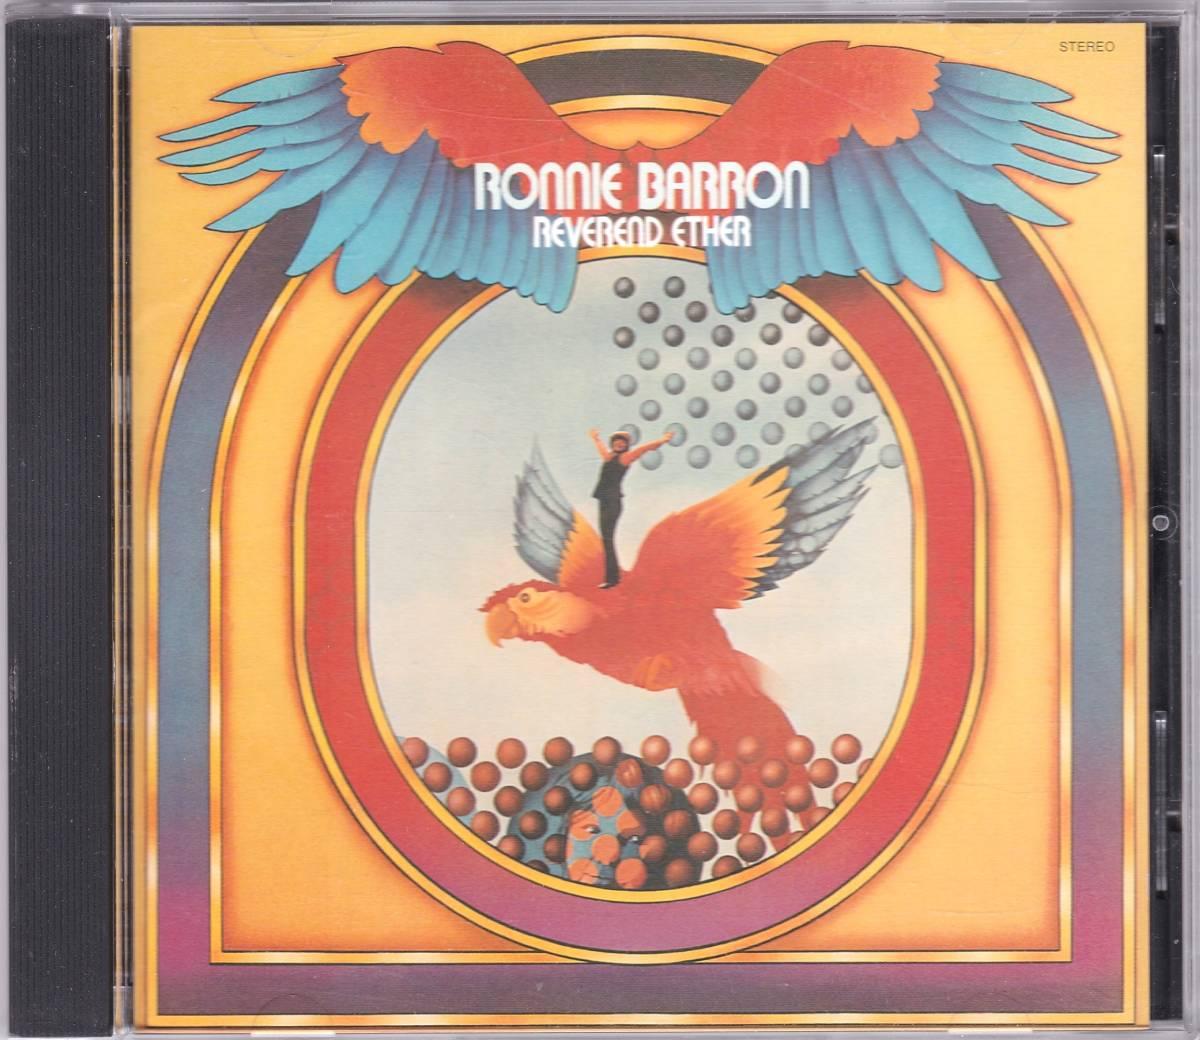 ☆RONNIE BARRON(ロニー・バロン)/Reverend Ether◆71年リリースのニューオリンズ・サウンド満載の大名盤!◇『世界初CD化!&廃盤・レア』_画像1